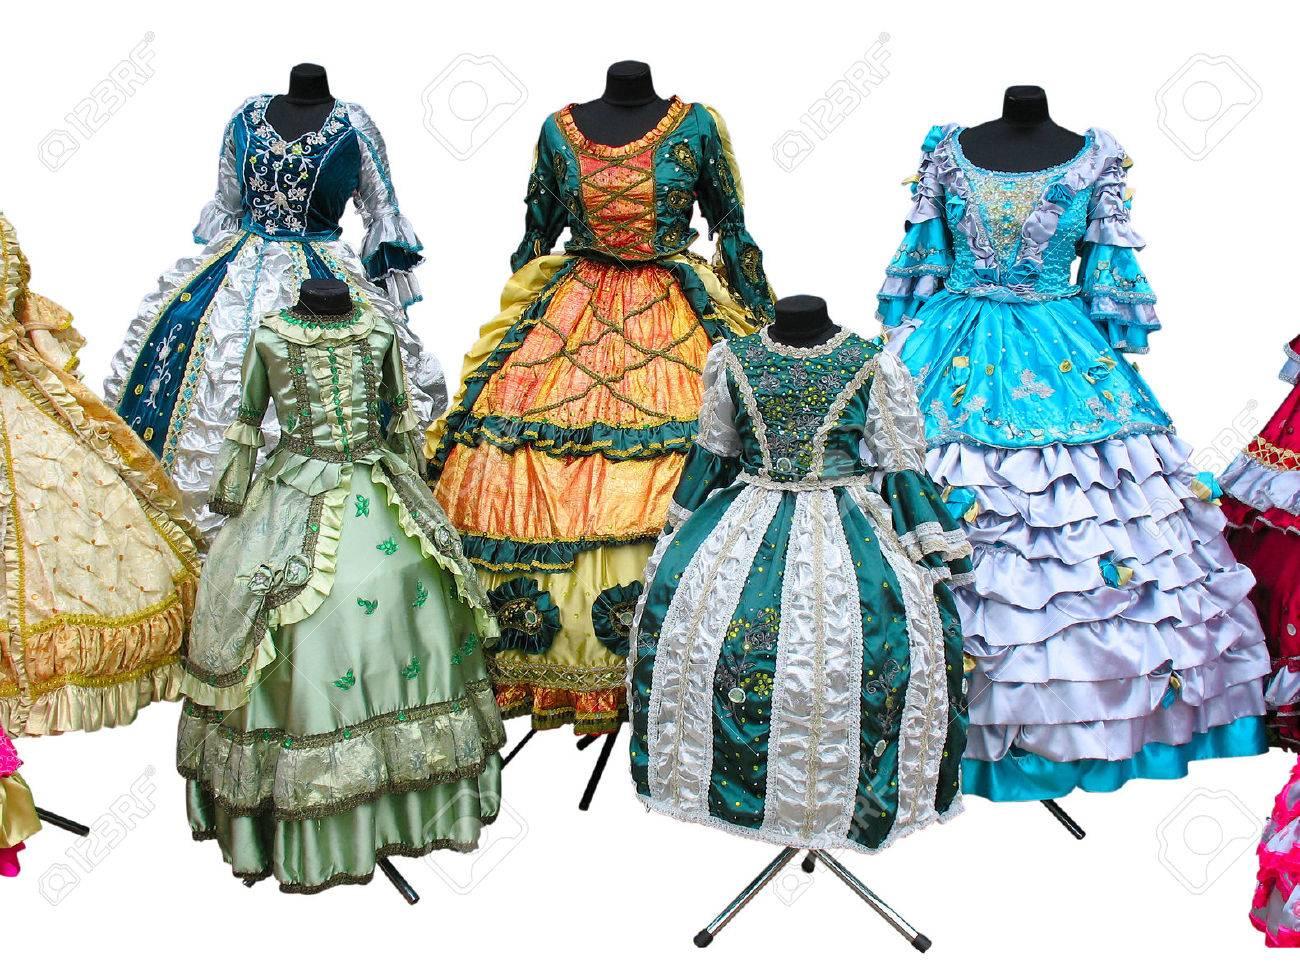 disponible mejor sitio web nueva alta calidad Mujer llena de color estilizada ropa de época medieval en maniquíes aislados